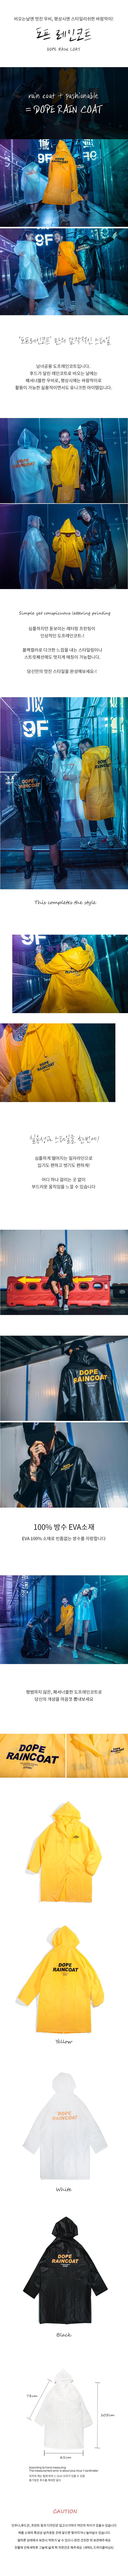 정품 DOPE 디자인 레인코트 3color 여성우비 남자우의 패션판초비옷 - 갓샵, 24,500원, 레인코트/소품, 레인코트